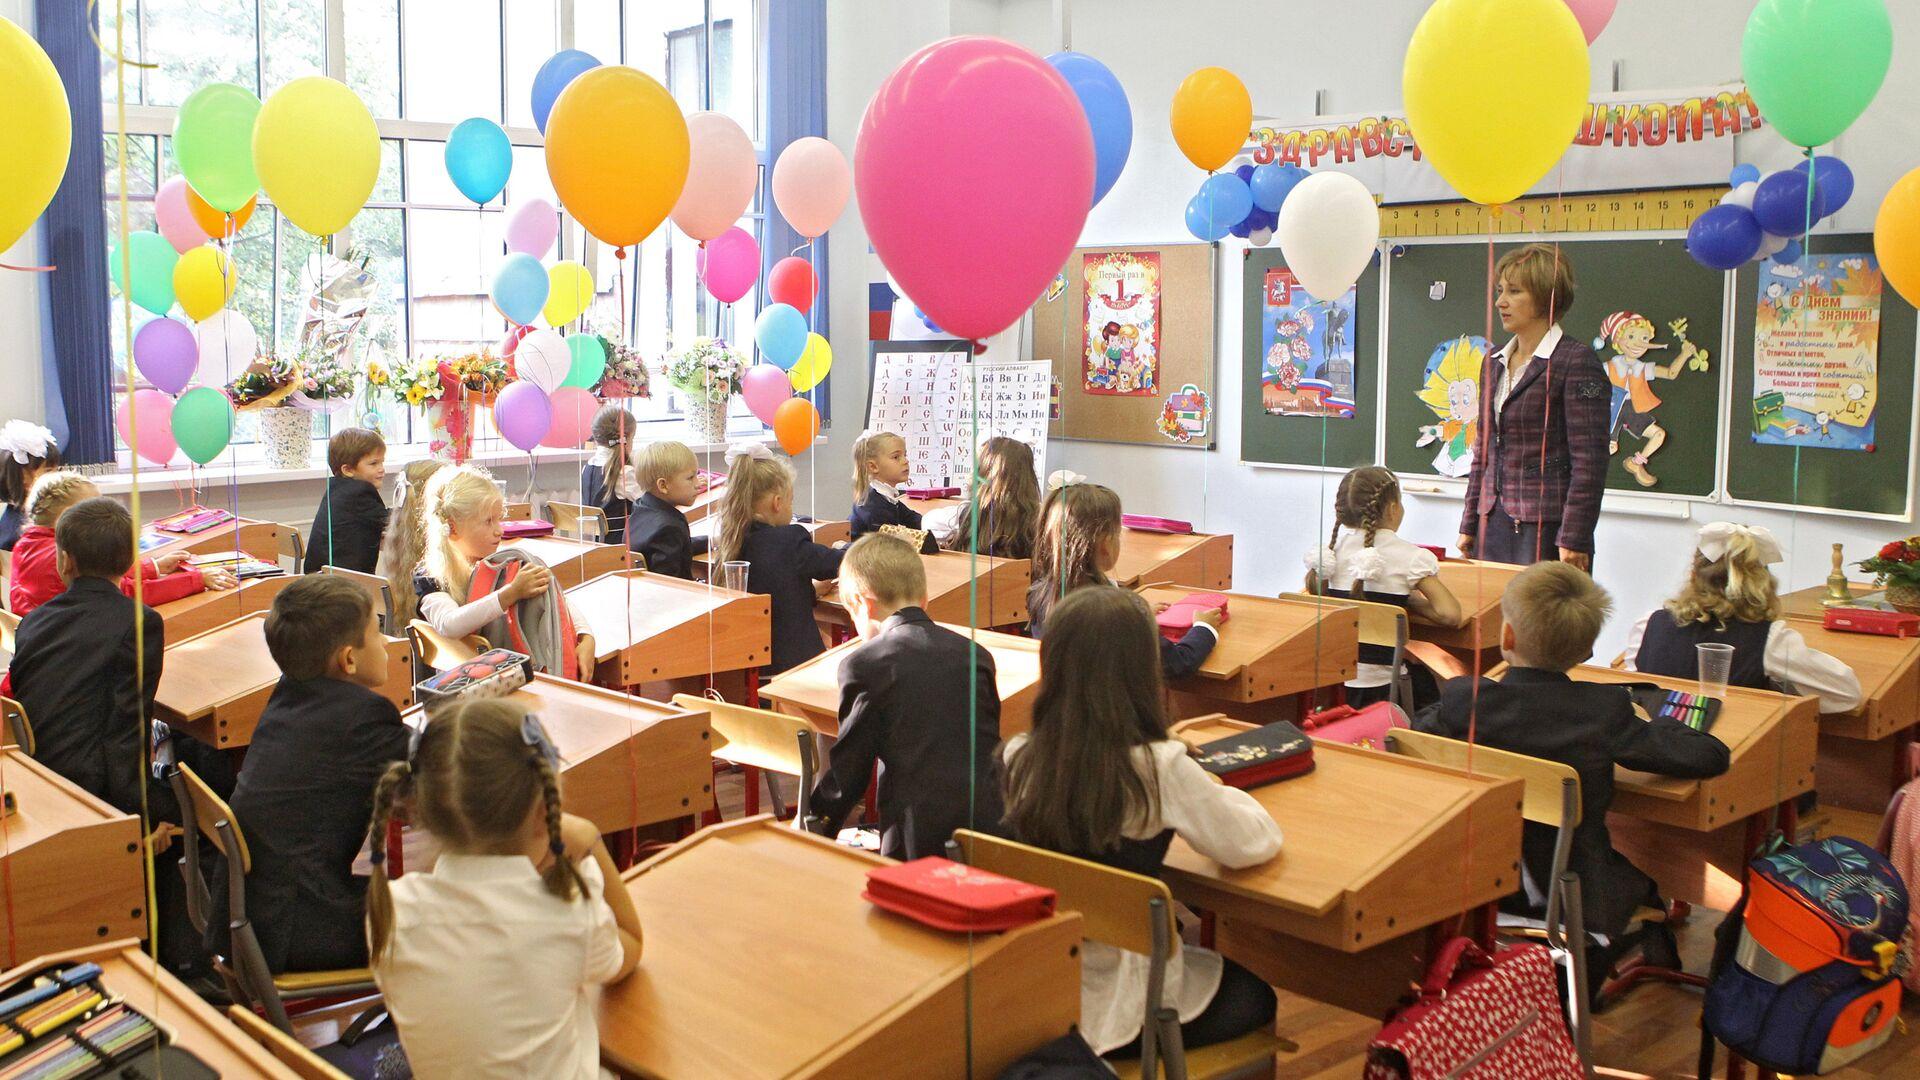 Первоклассники на школьном уроке - Sputnik Грузия, 1920, 01.09.2021